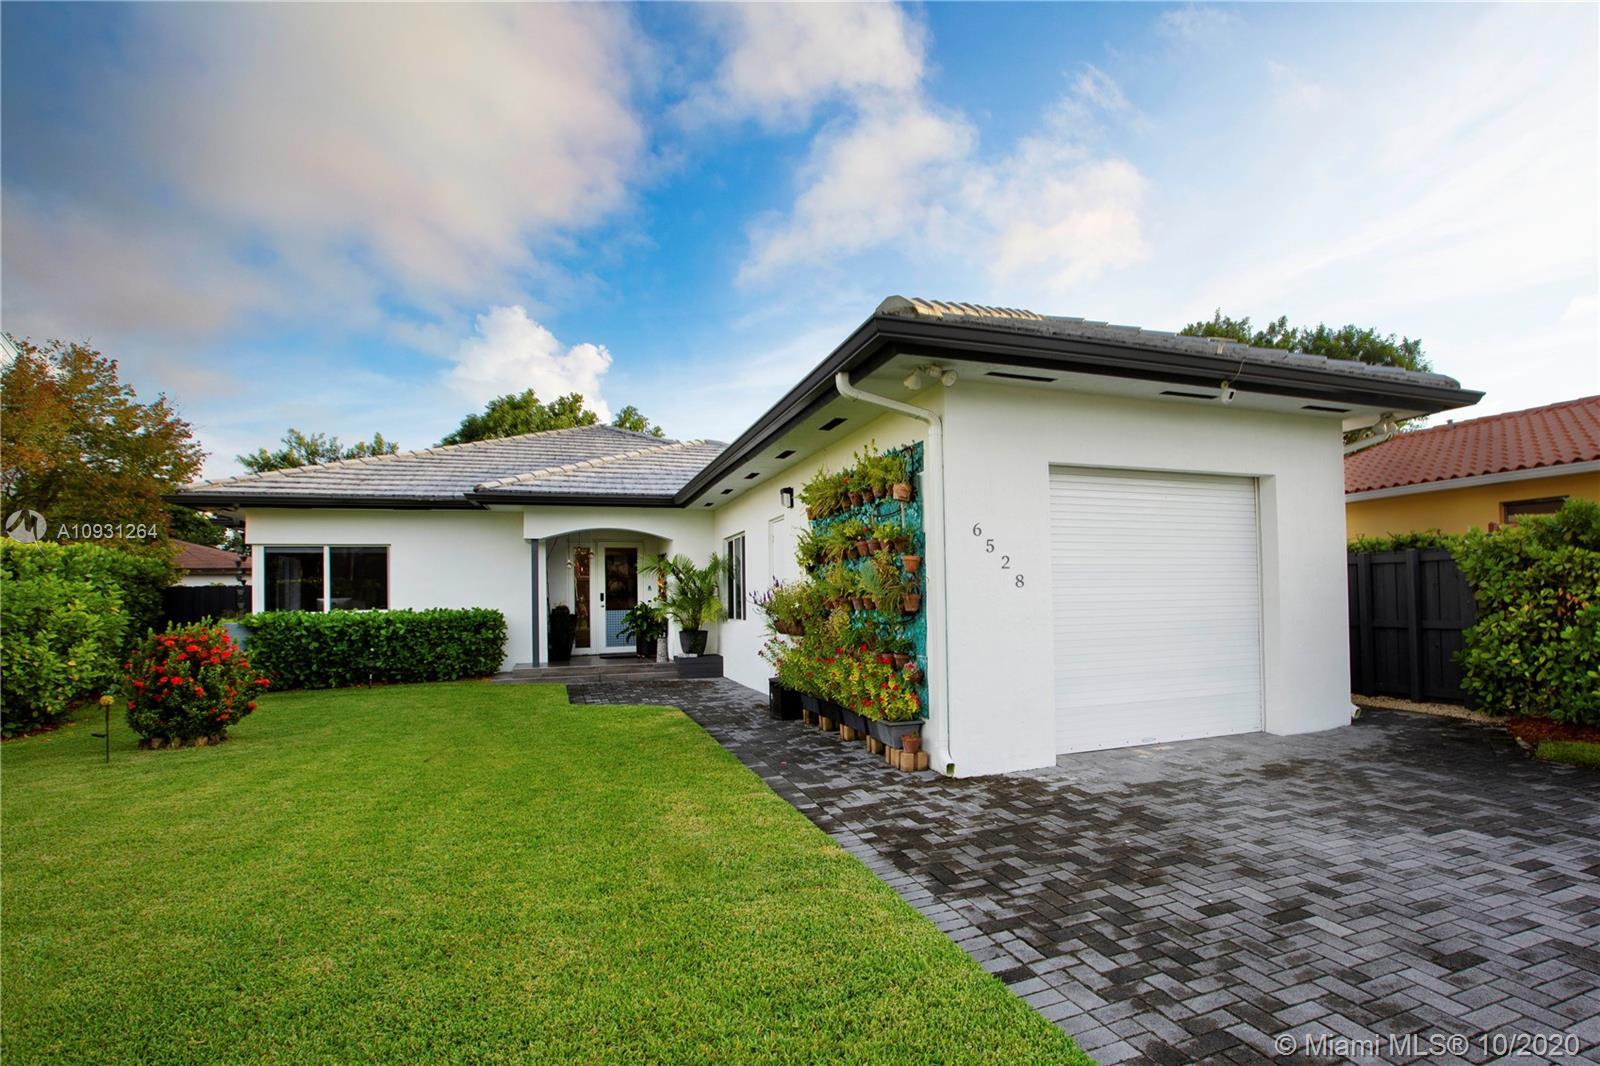 Coral Villas - 6528 SW 27th St, Miami, FL 33155